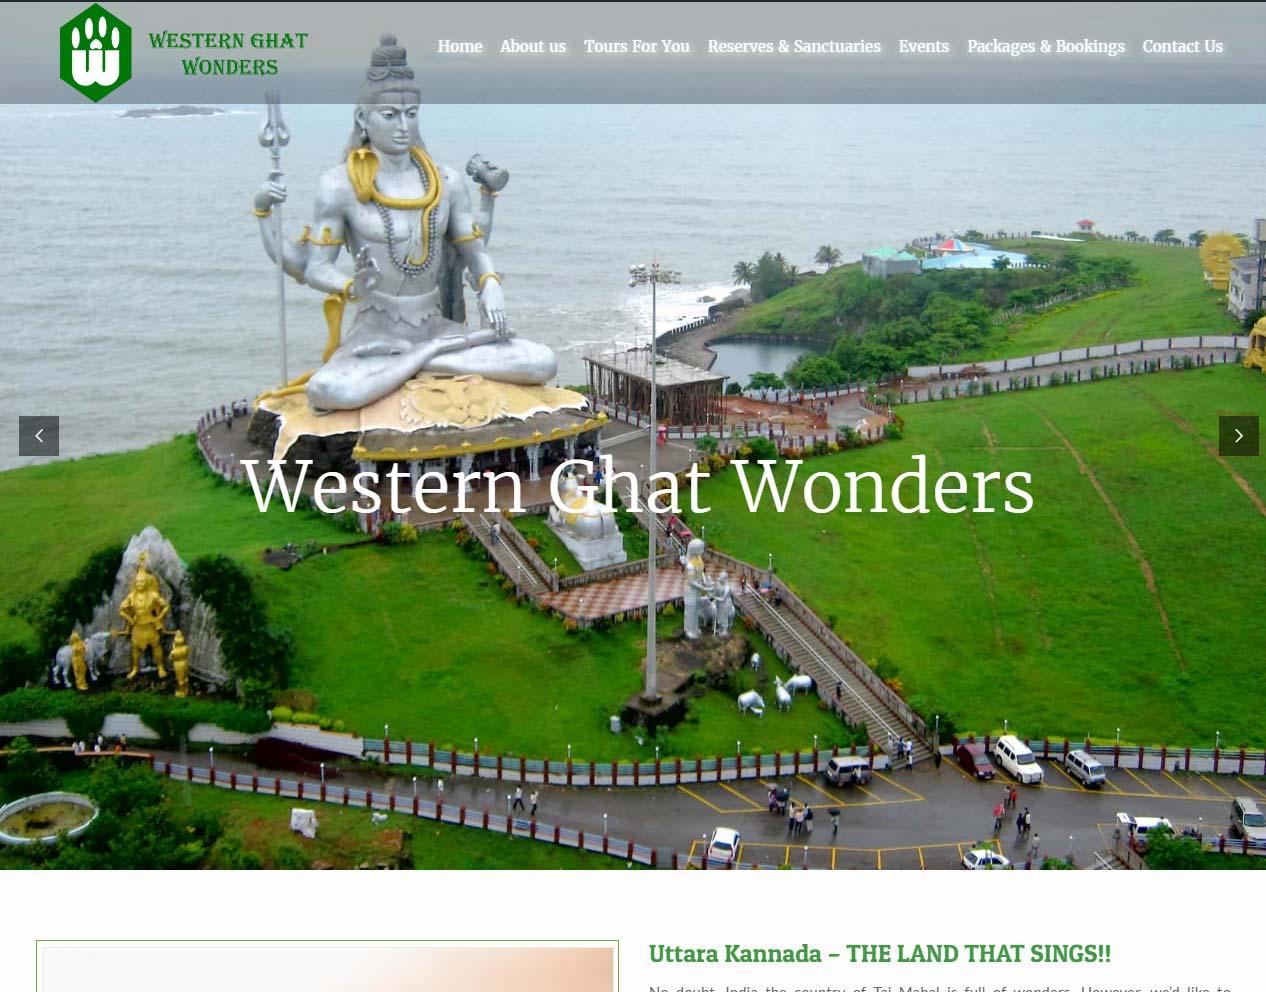 Western Ghat Wonders